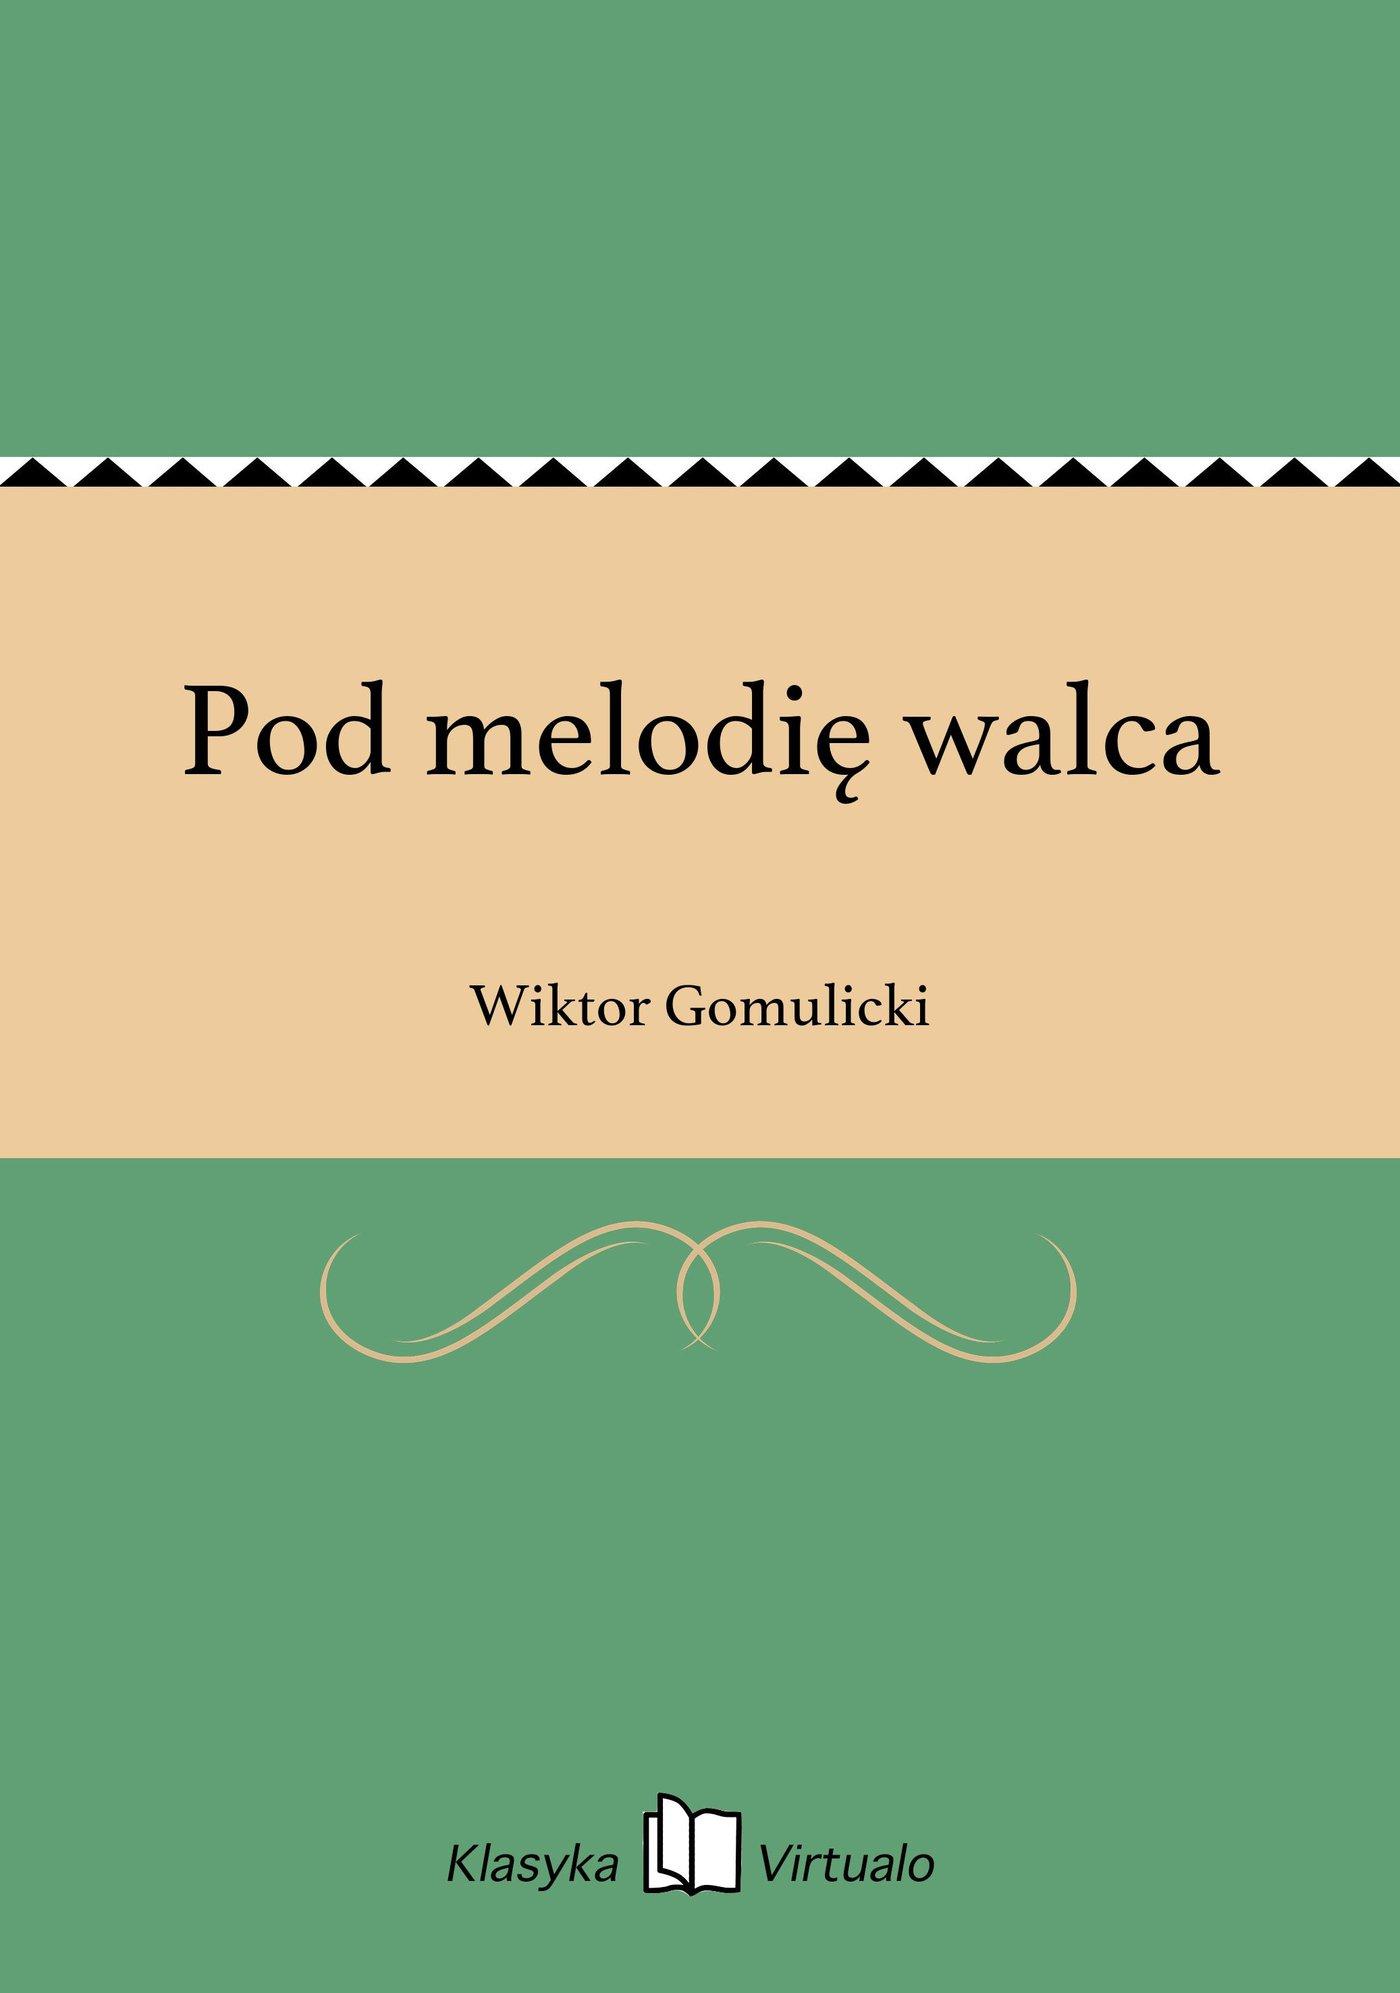 Pod melodię walca - Ebook (Książka EPUB) do pobrania w formacie EPUB